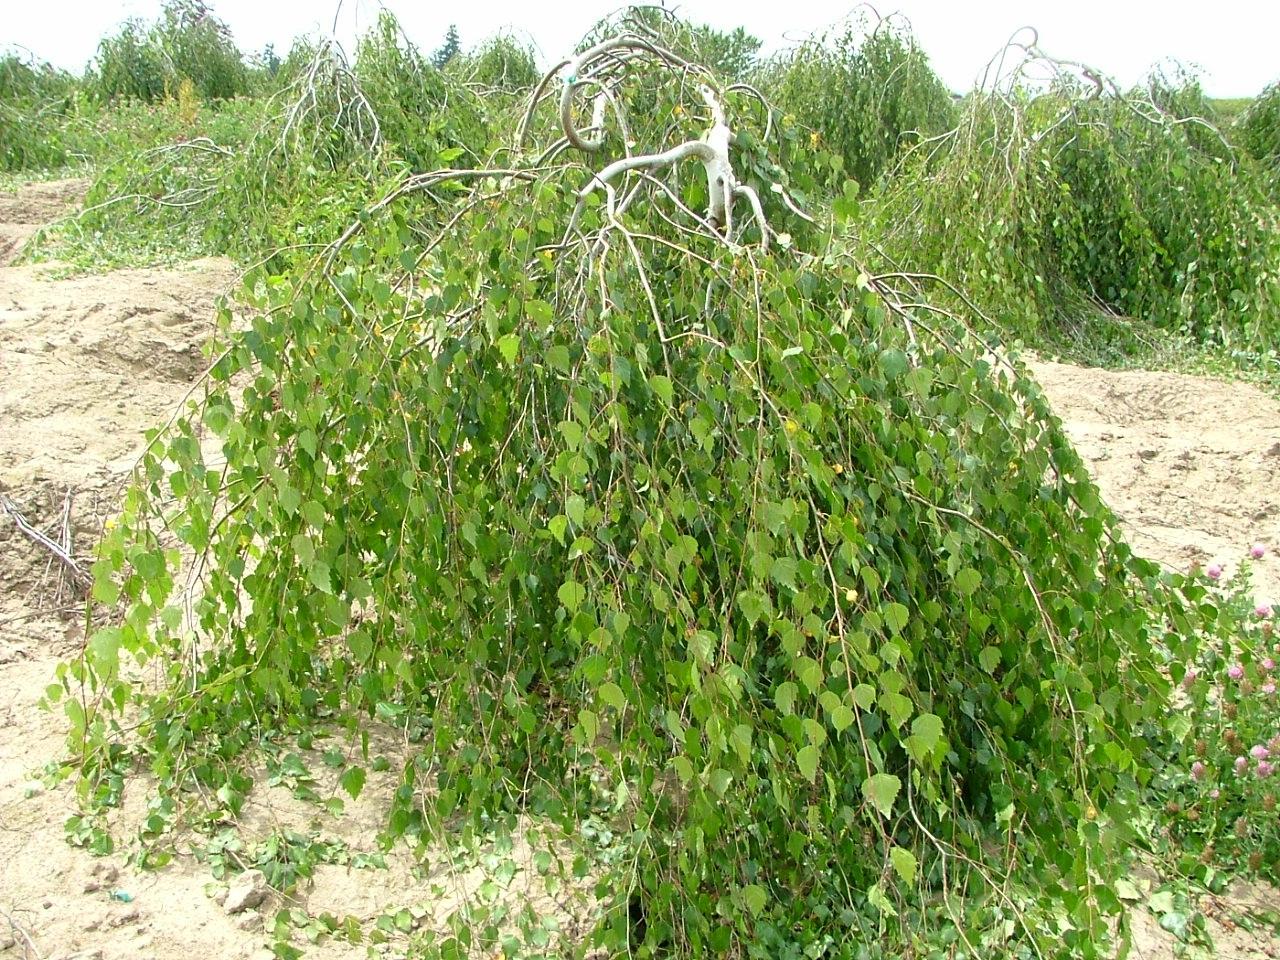 Береза - русское дерево: описание дерева, виды и сорта, применение, посадка